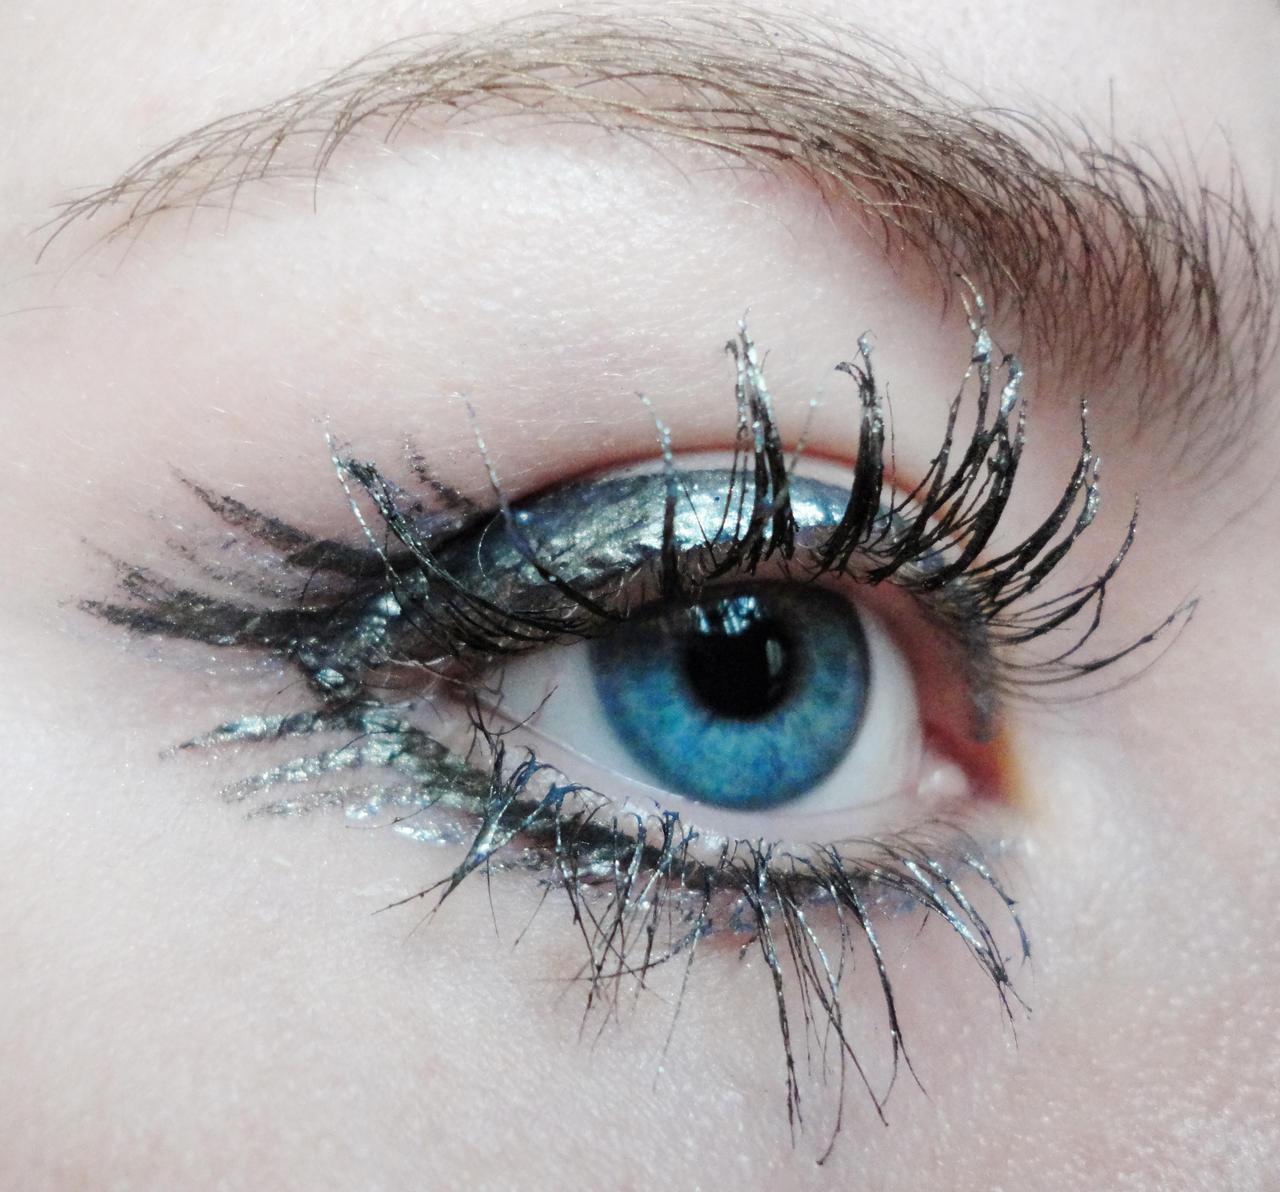 Aquatic Eye by PeacefulSeraph